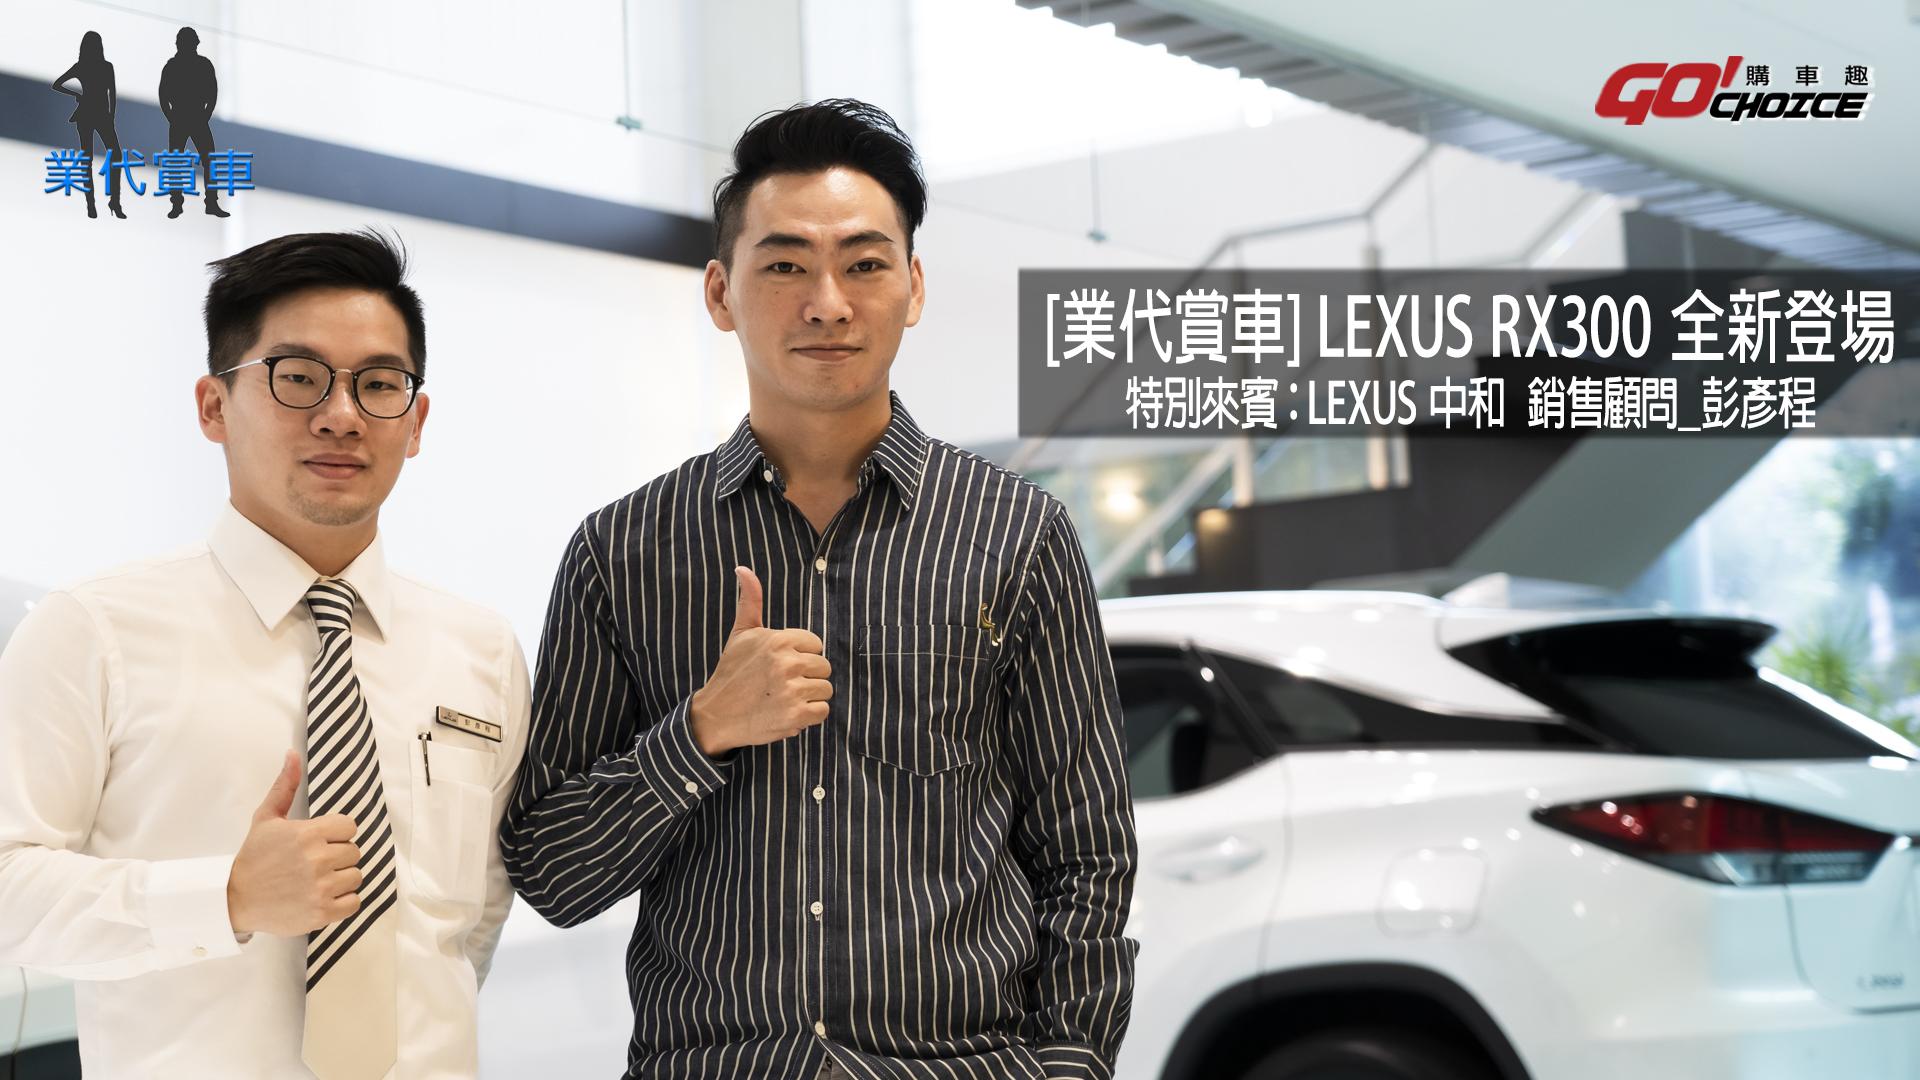 業代賞車-Lexus RX300-Lexus中和 銷售顧問_彭彥程